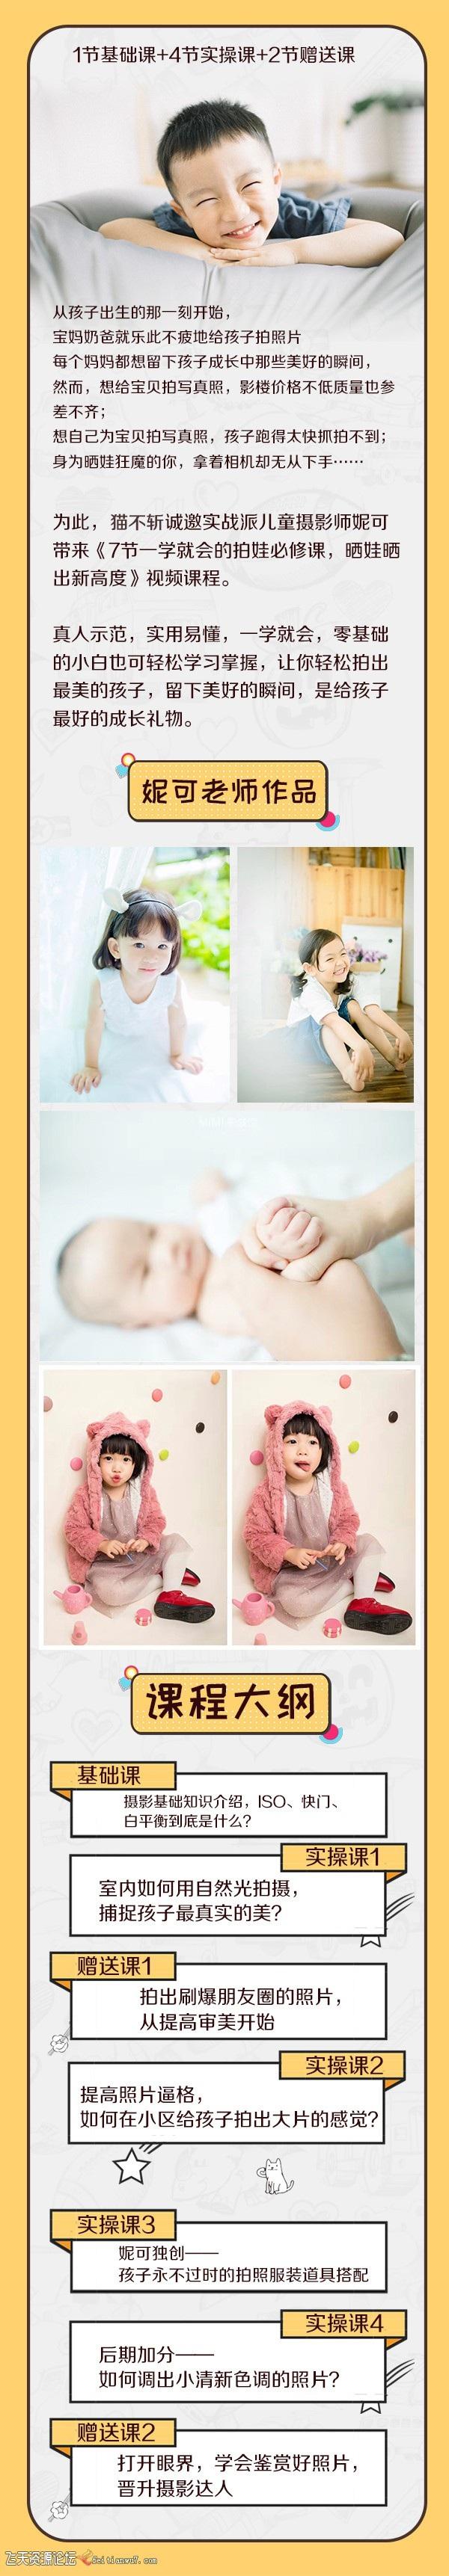 给宝爸宝妈的拍摄教程:一学就会的拍娃必修课